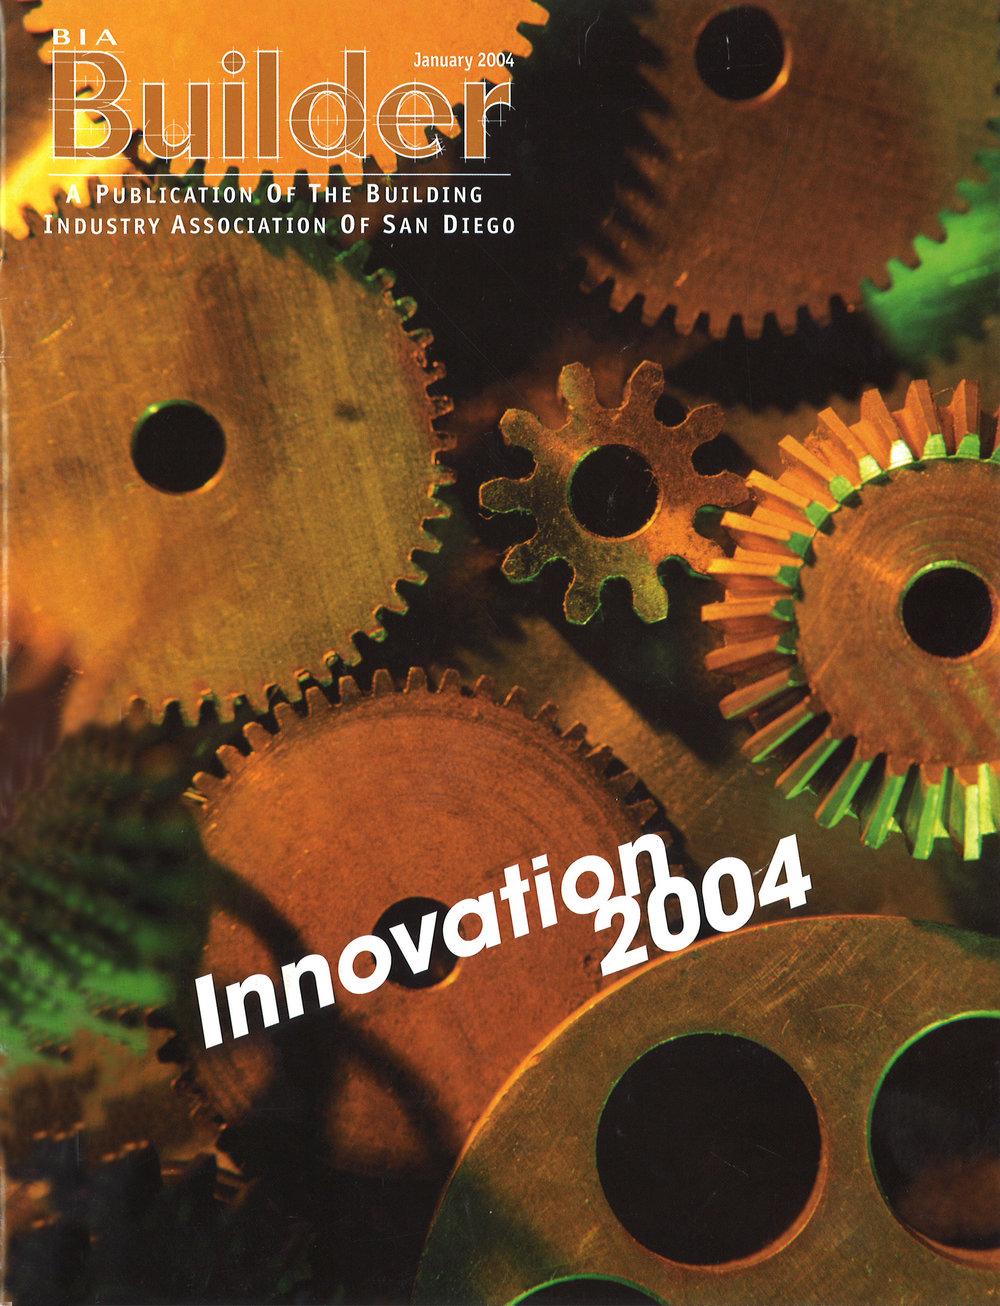 1-BIA 2004 Cover.jpg